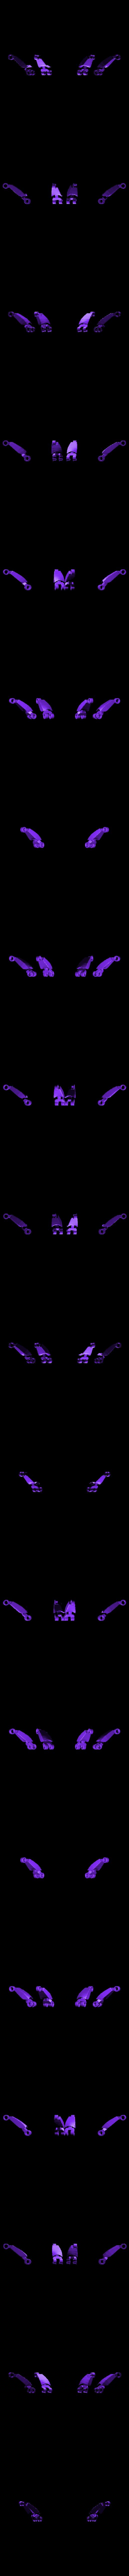 Leg_01.stl Télécharger fichier STL gratuit Possible Réservoir Sci-Fi - MK 01 • Plan imprimable en 3D, CarlCreates